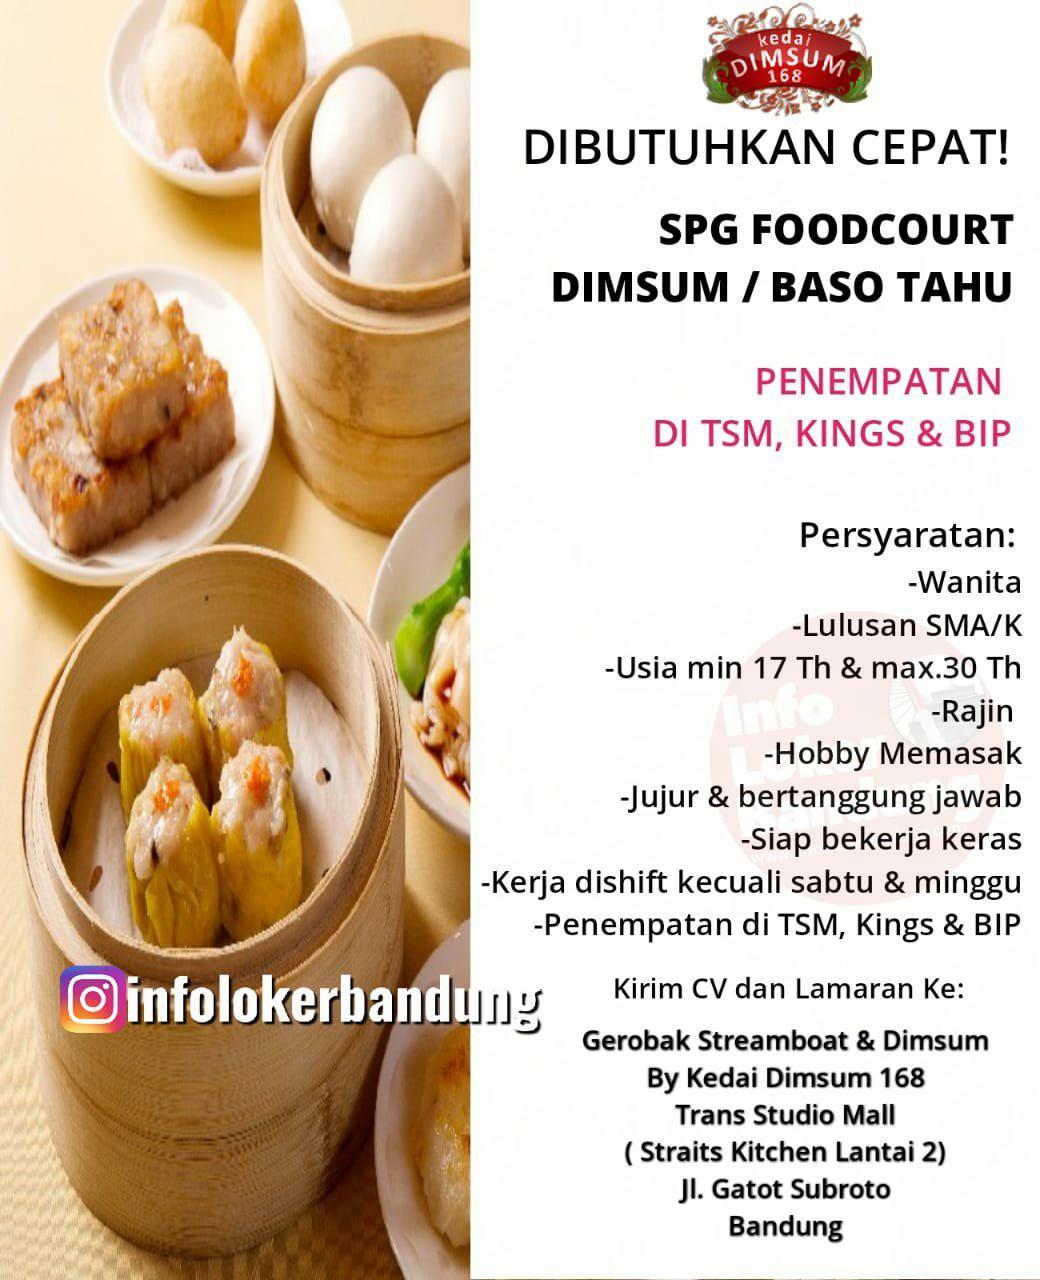 Lowongan Kerja Kedai Dimsum 168 Bandung April 2019